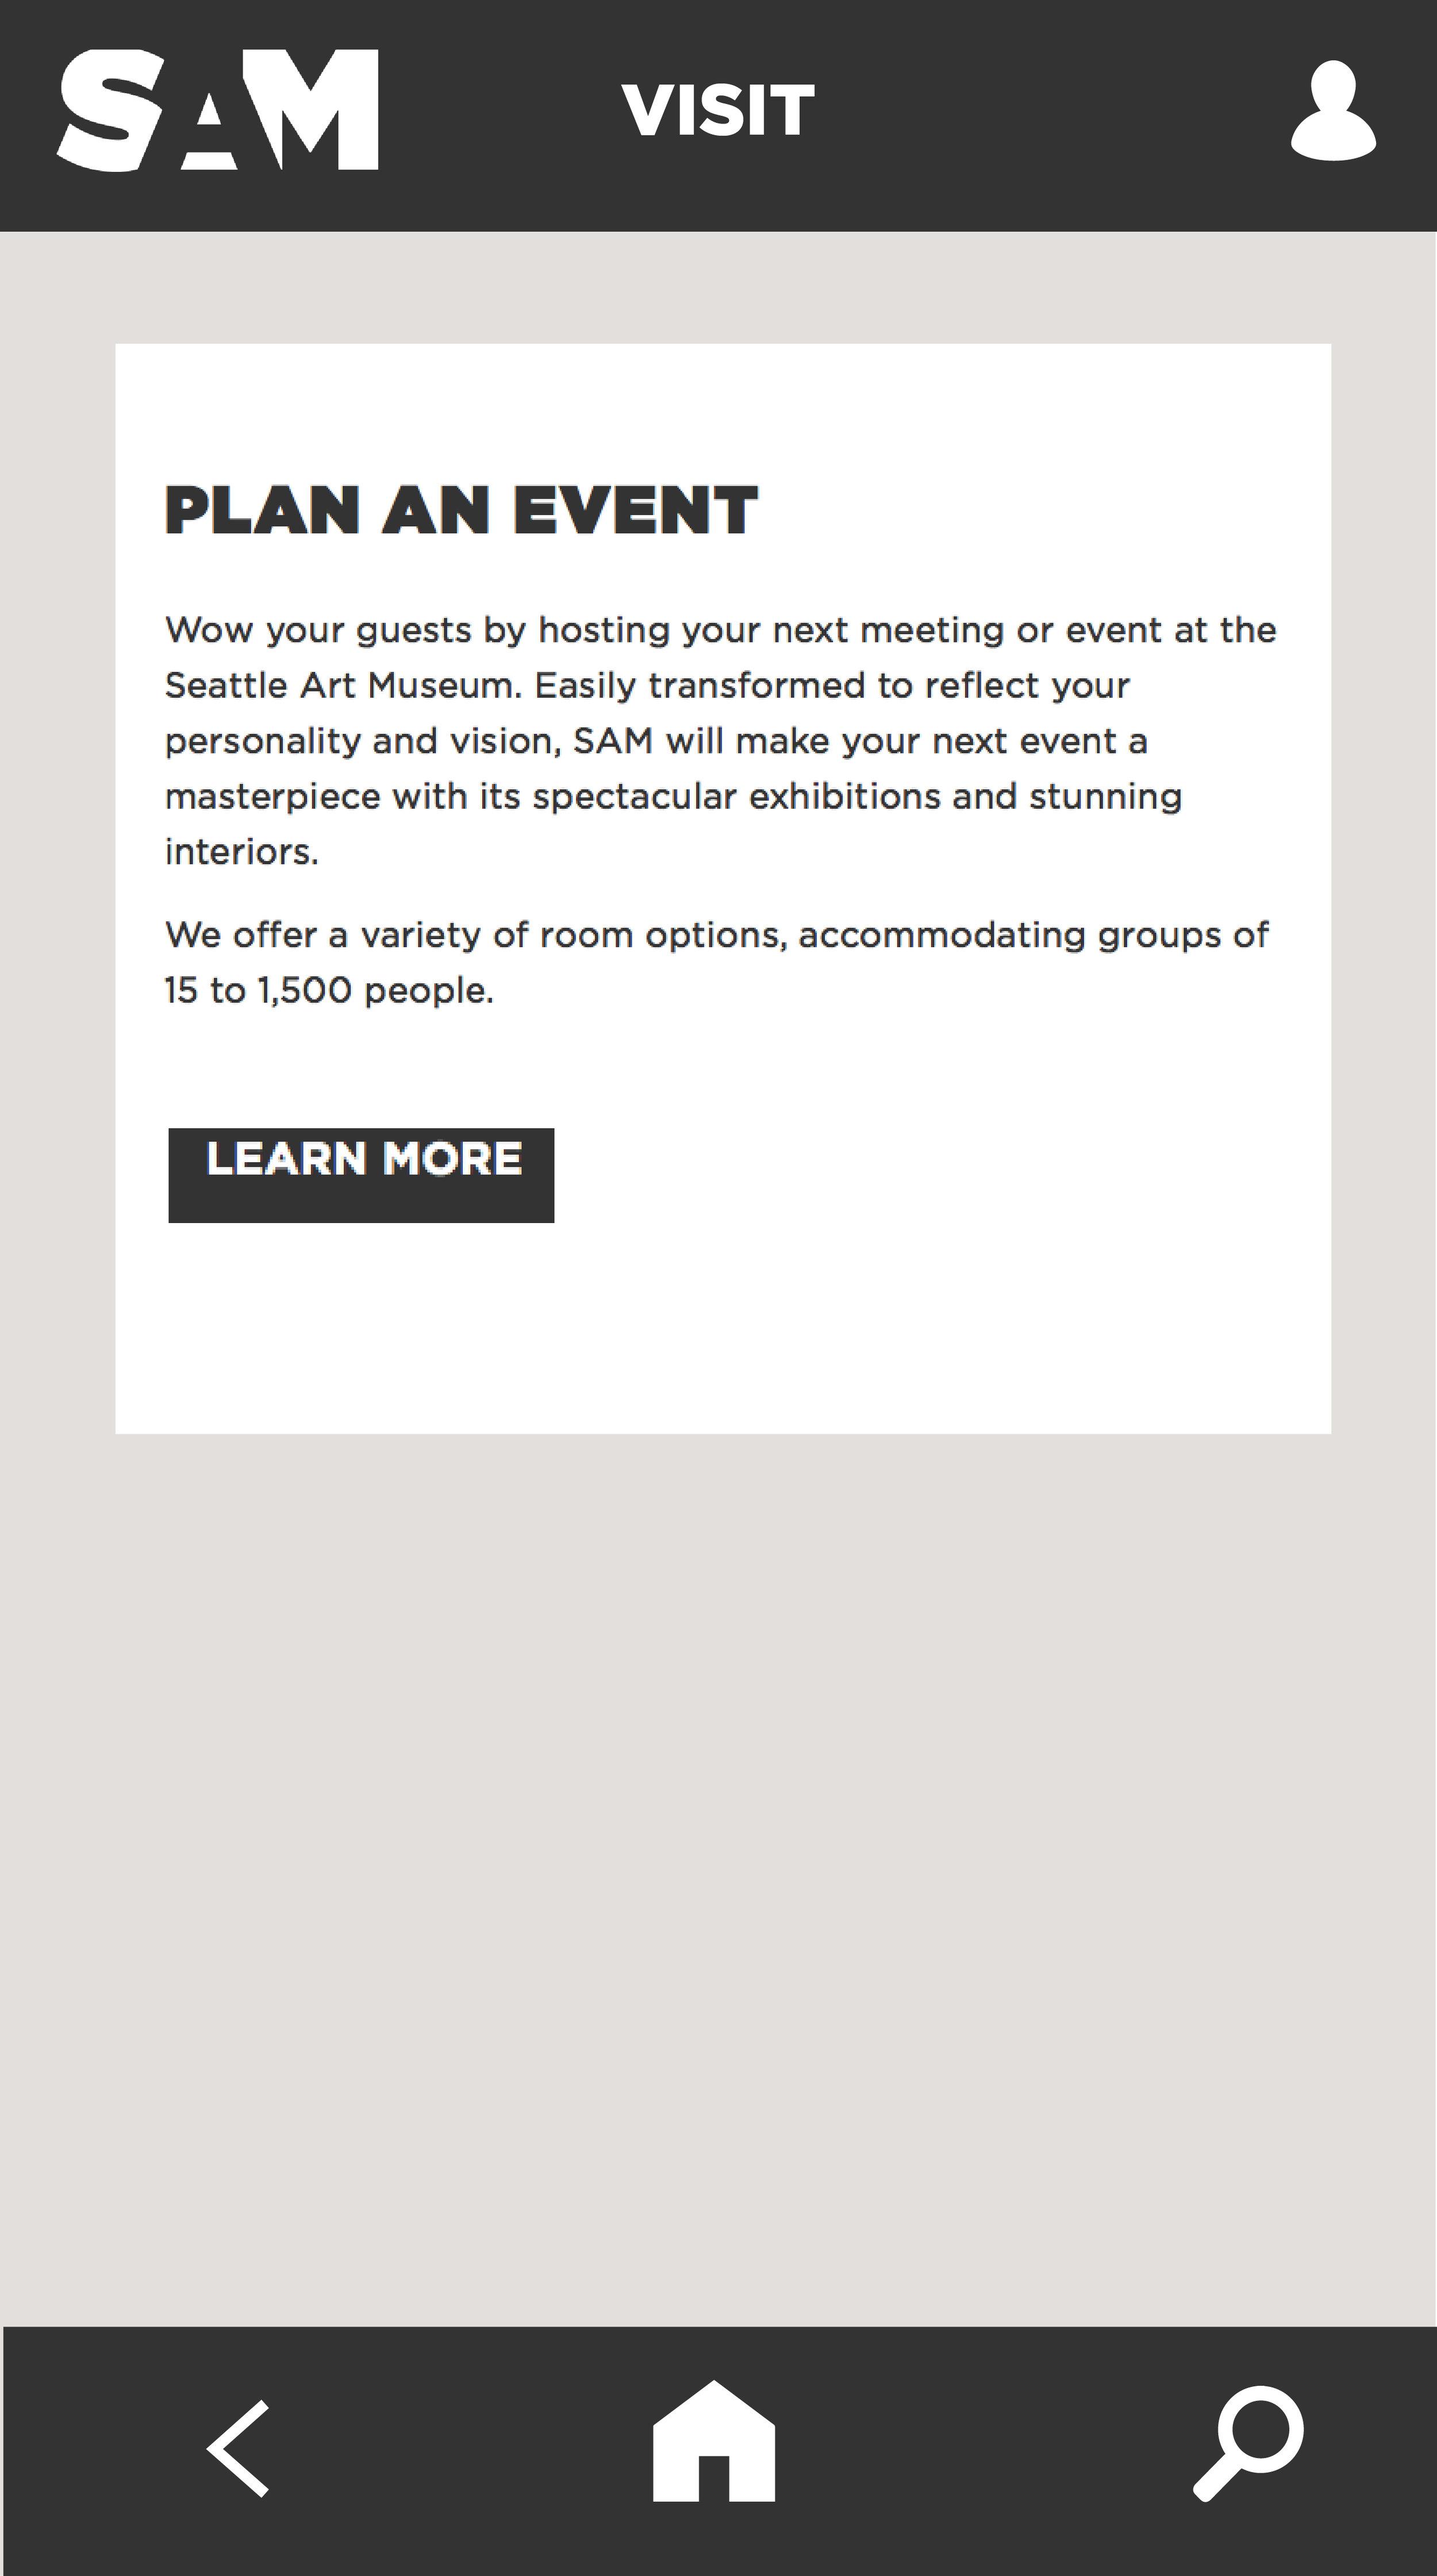 1_plan an event.jpg